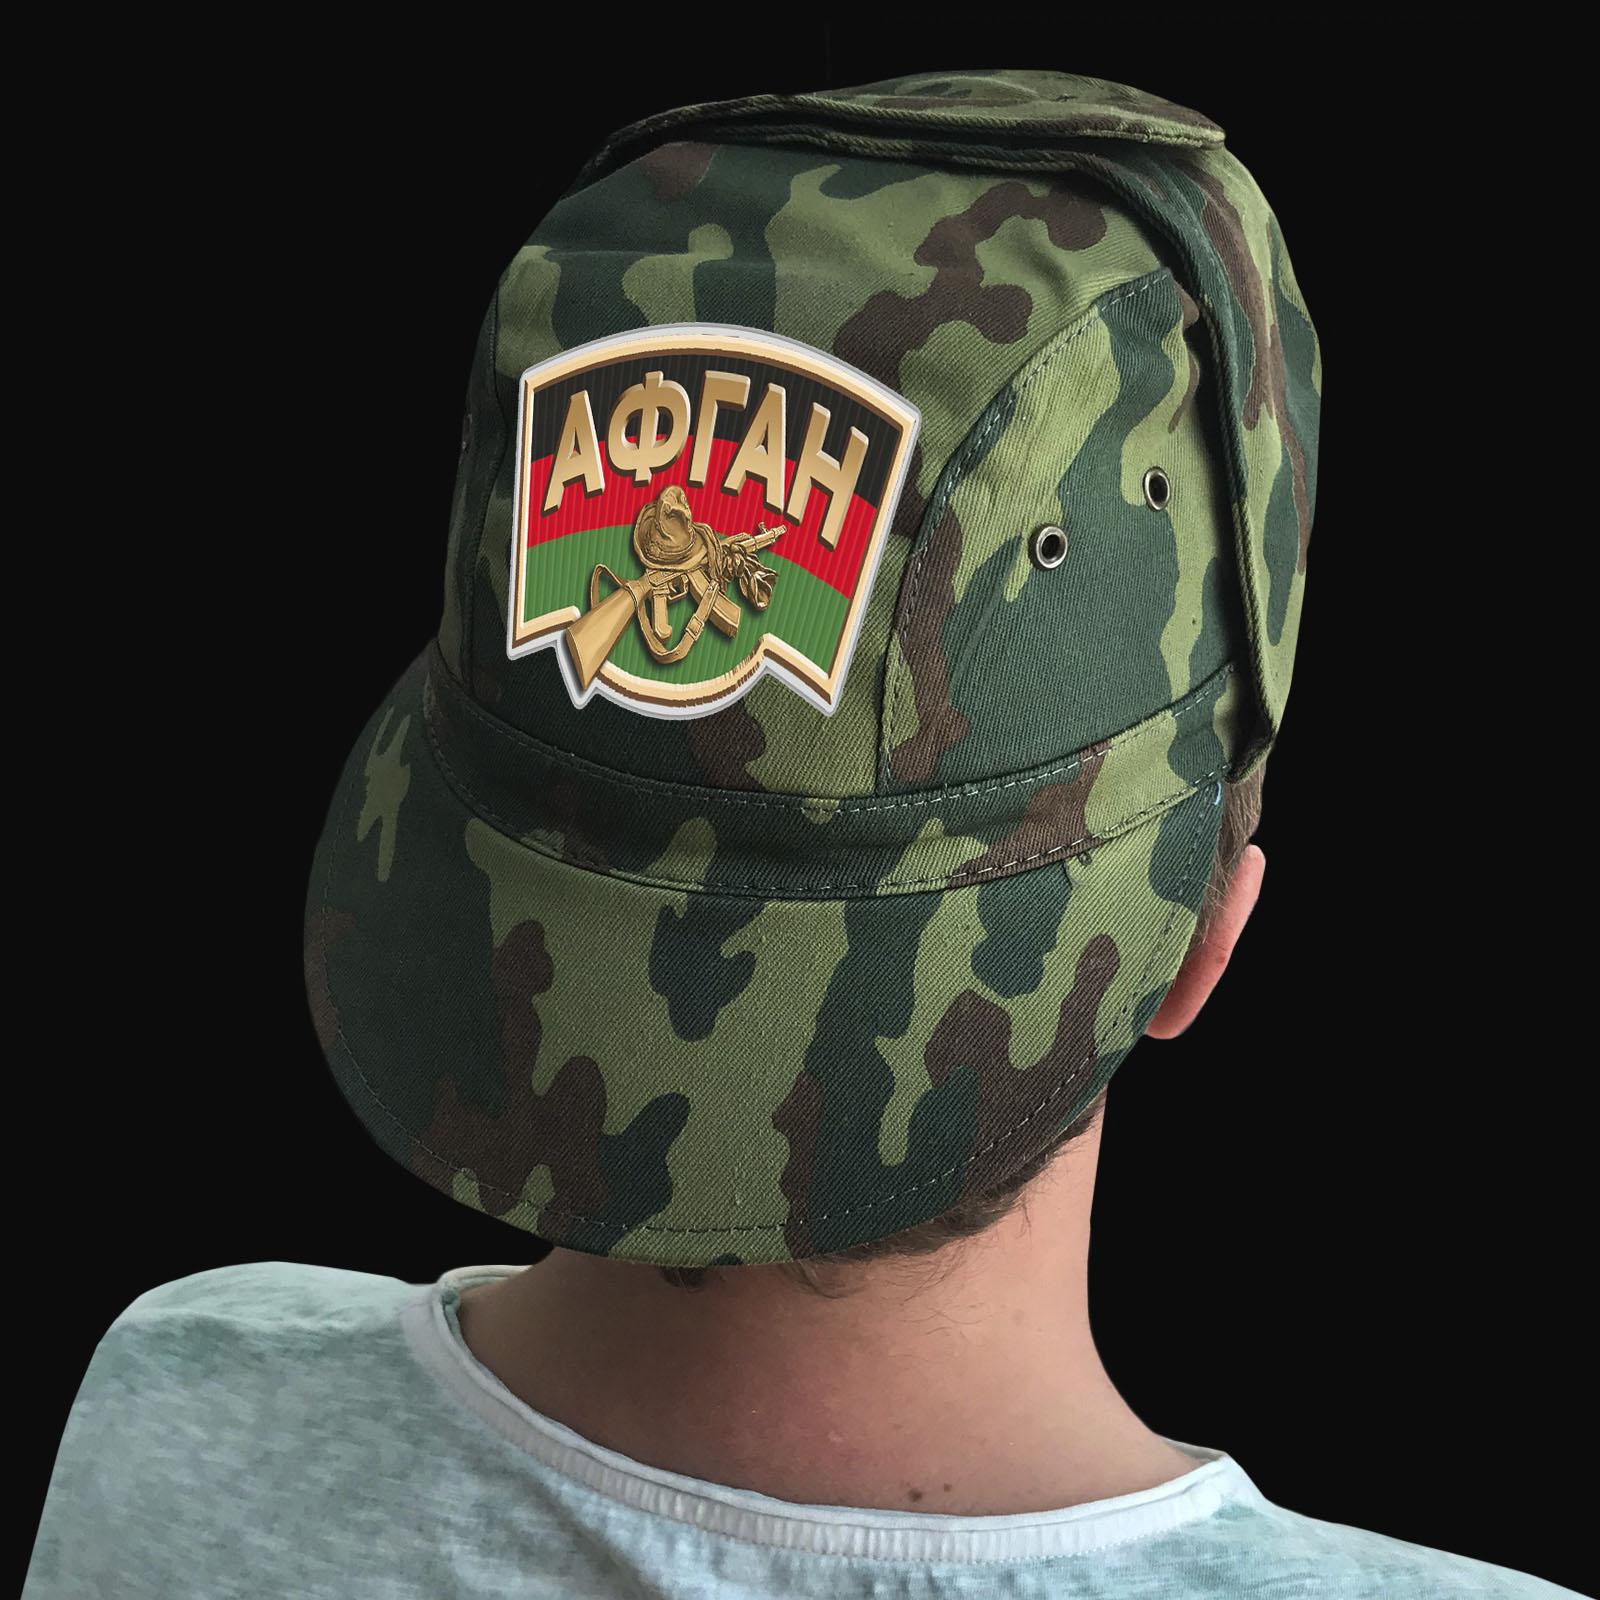 Купить камуфлированную крутую кепку с термотрансфером Афган в подарок мужчине